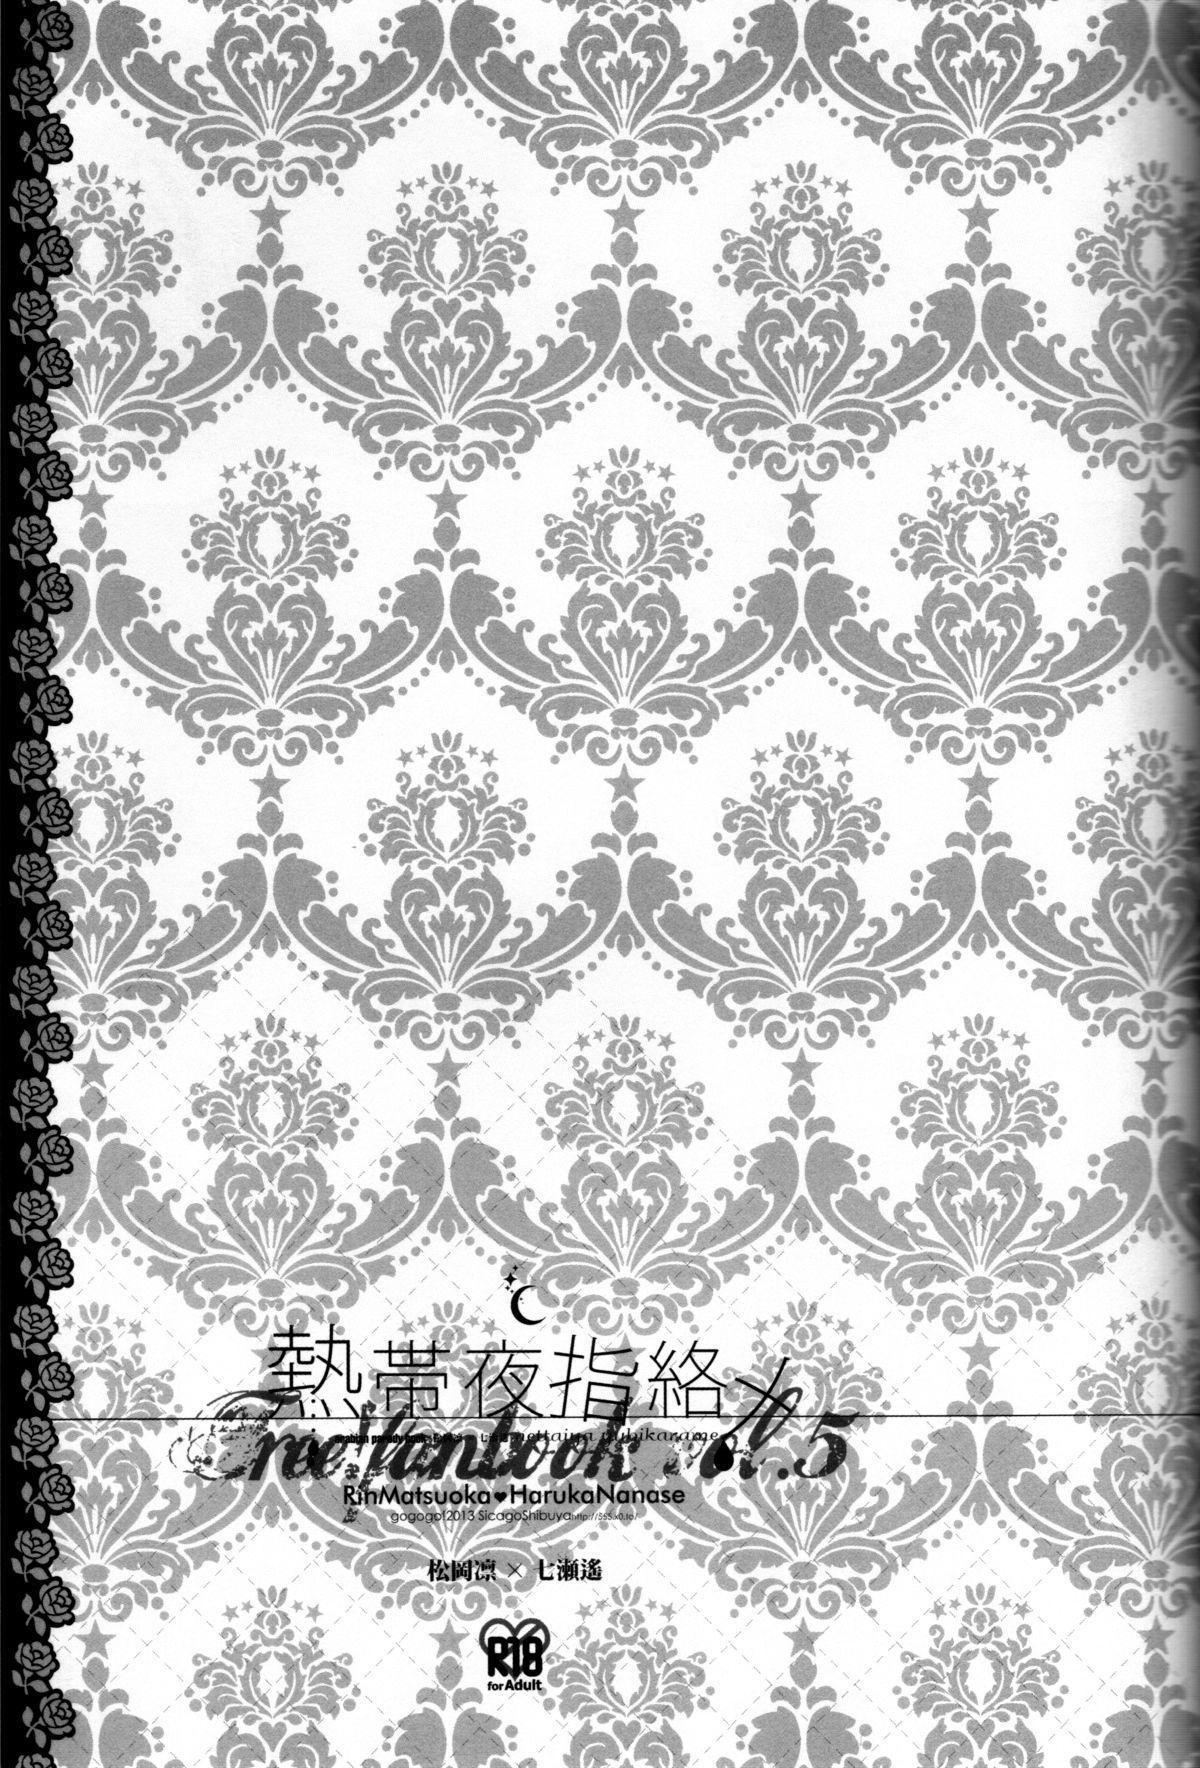 Nettaiya Yubikarame 1